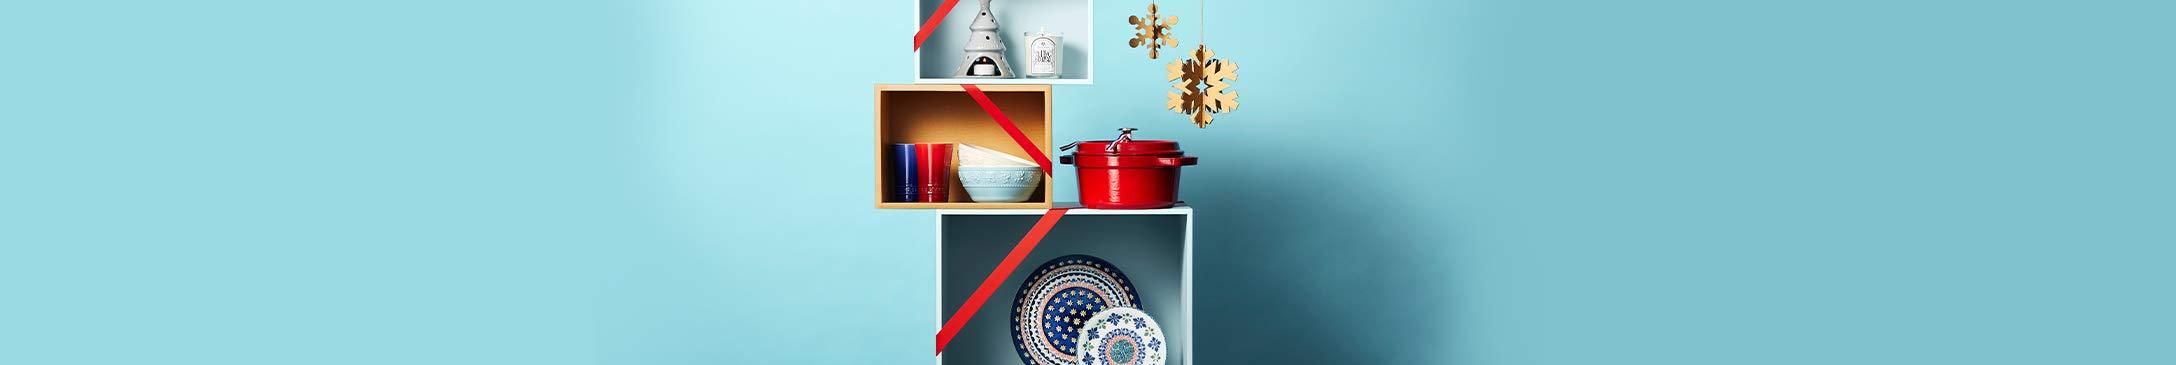 クリスマスギフト ホーム&キッチン・ペット